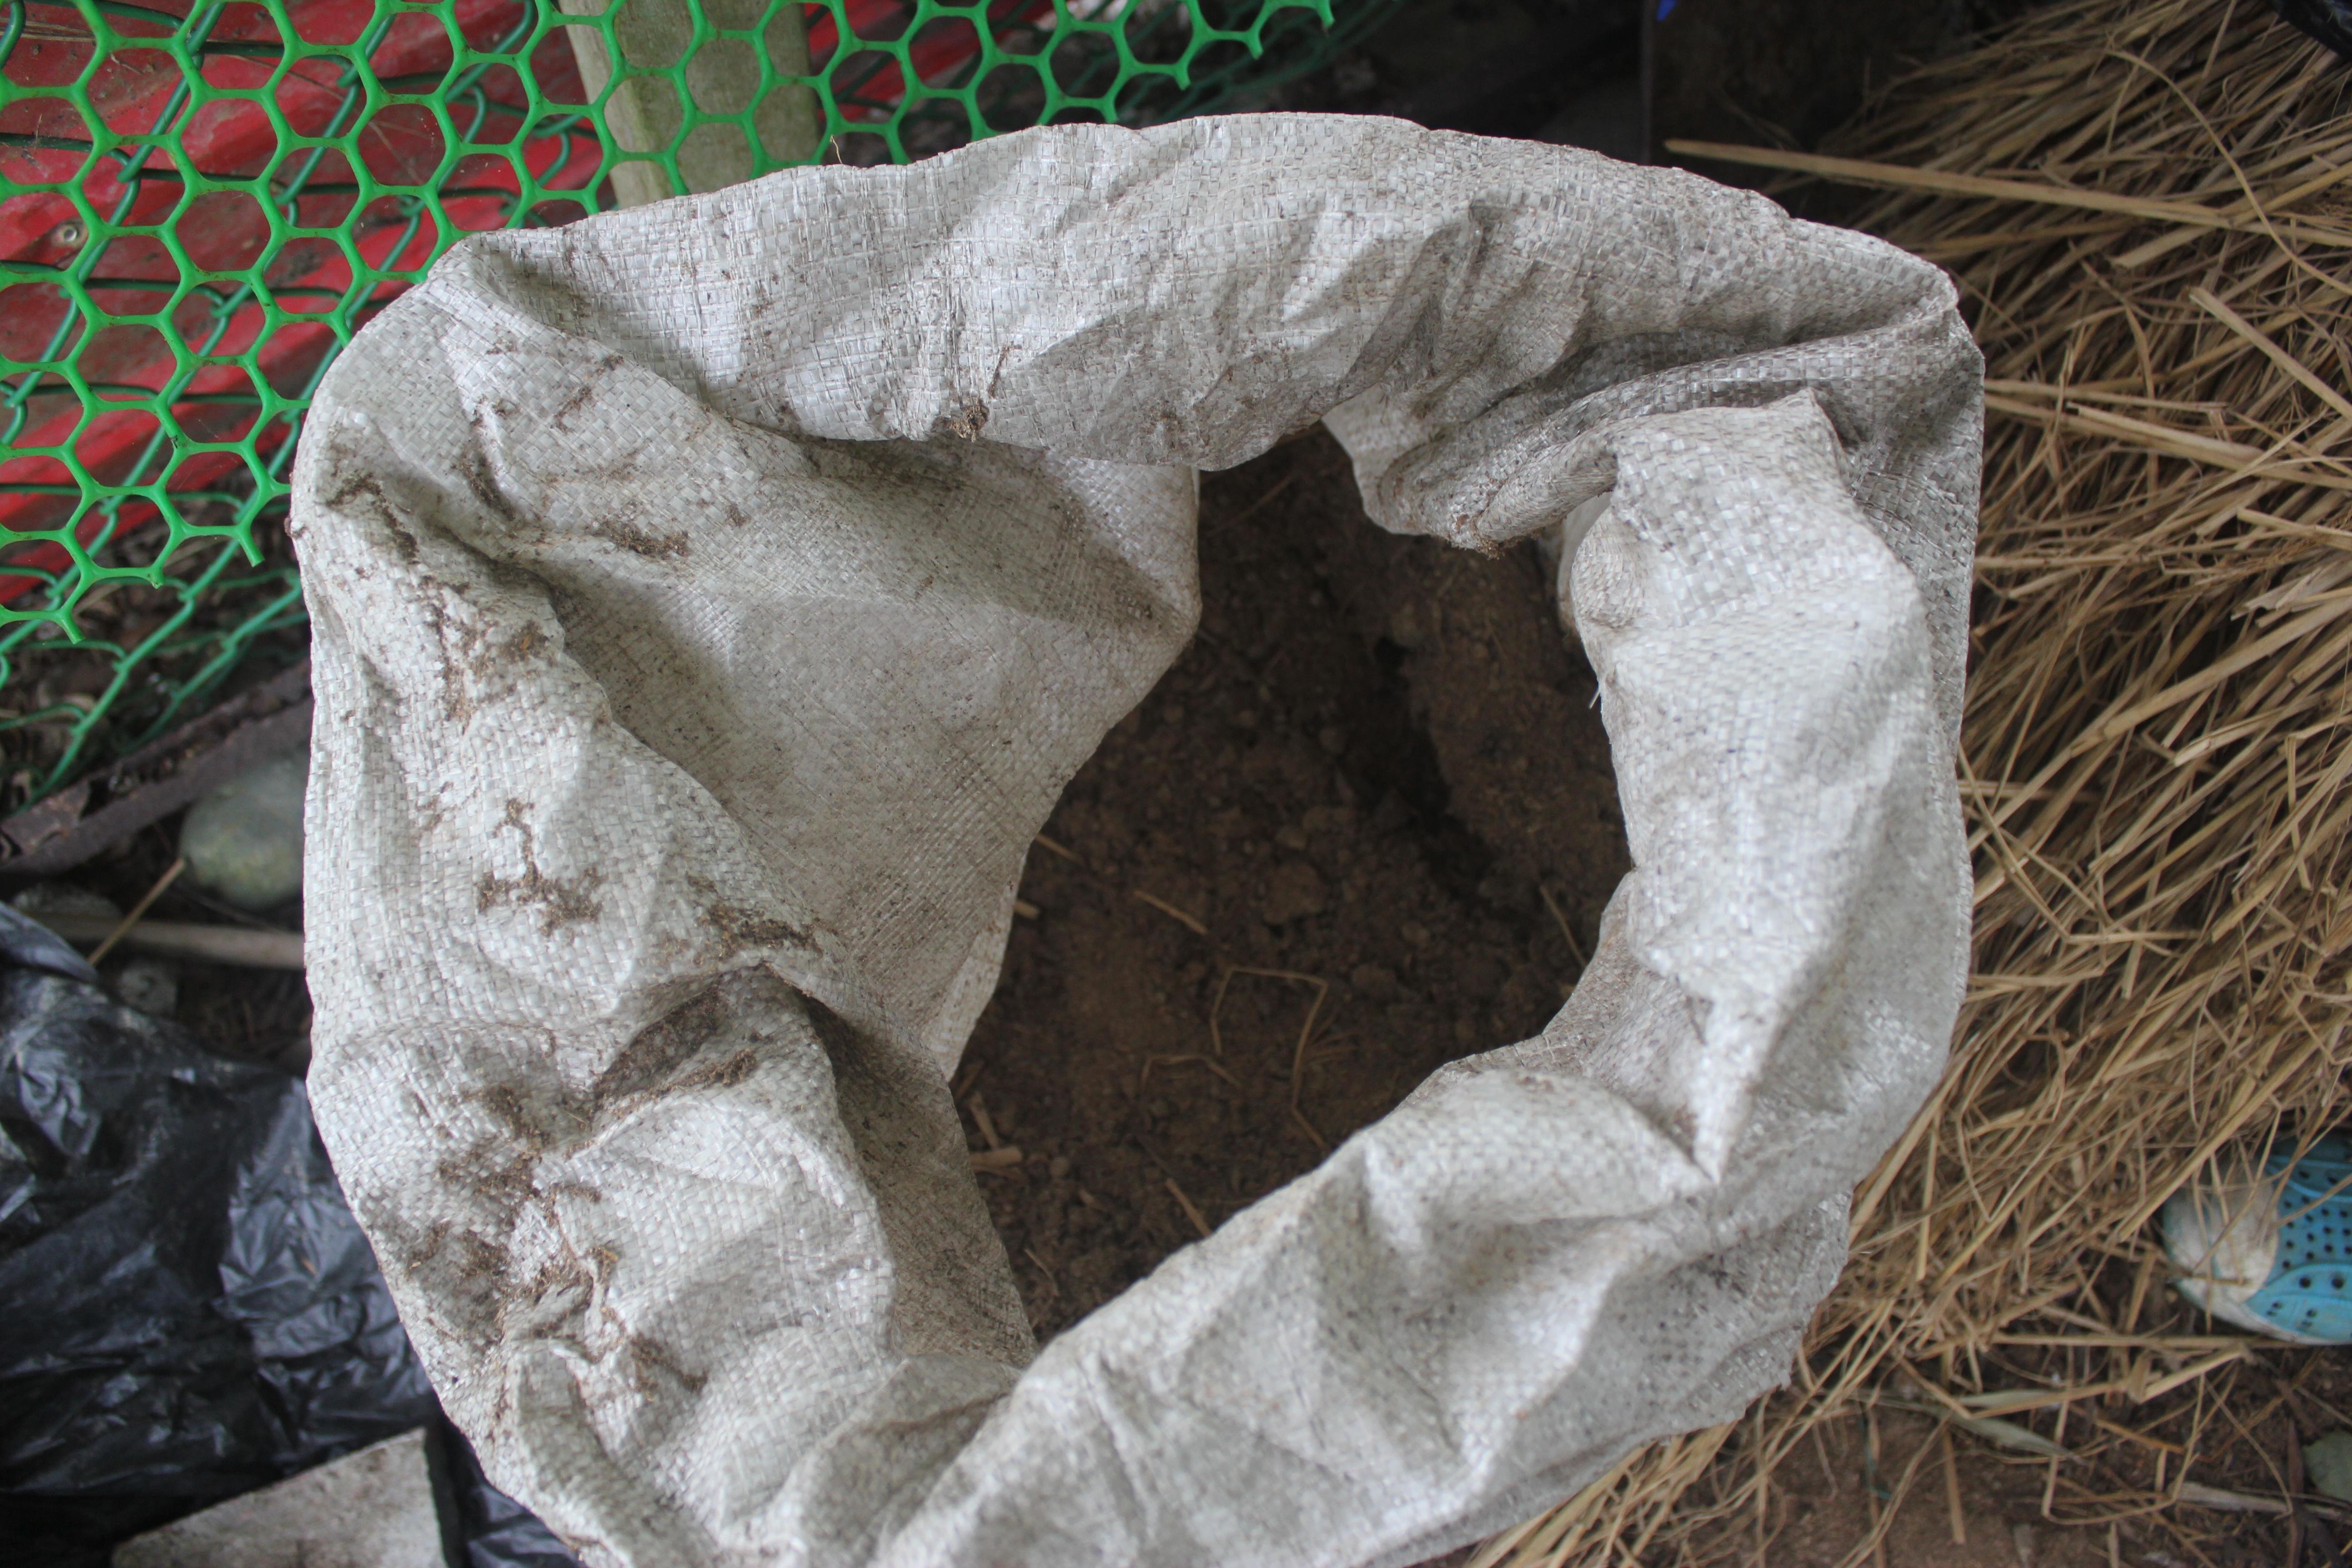 含有微生菌的土壤。攝影/林韋宏